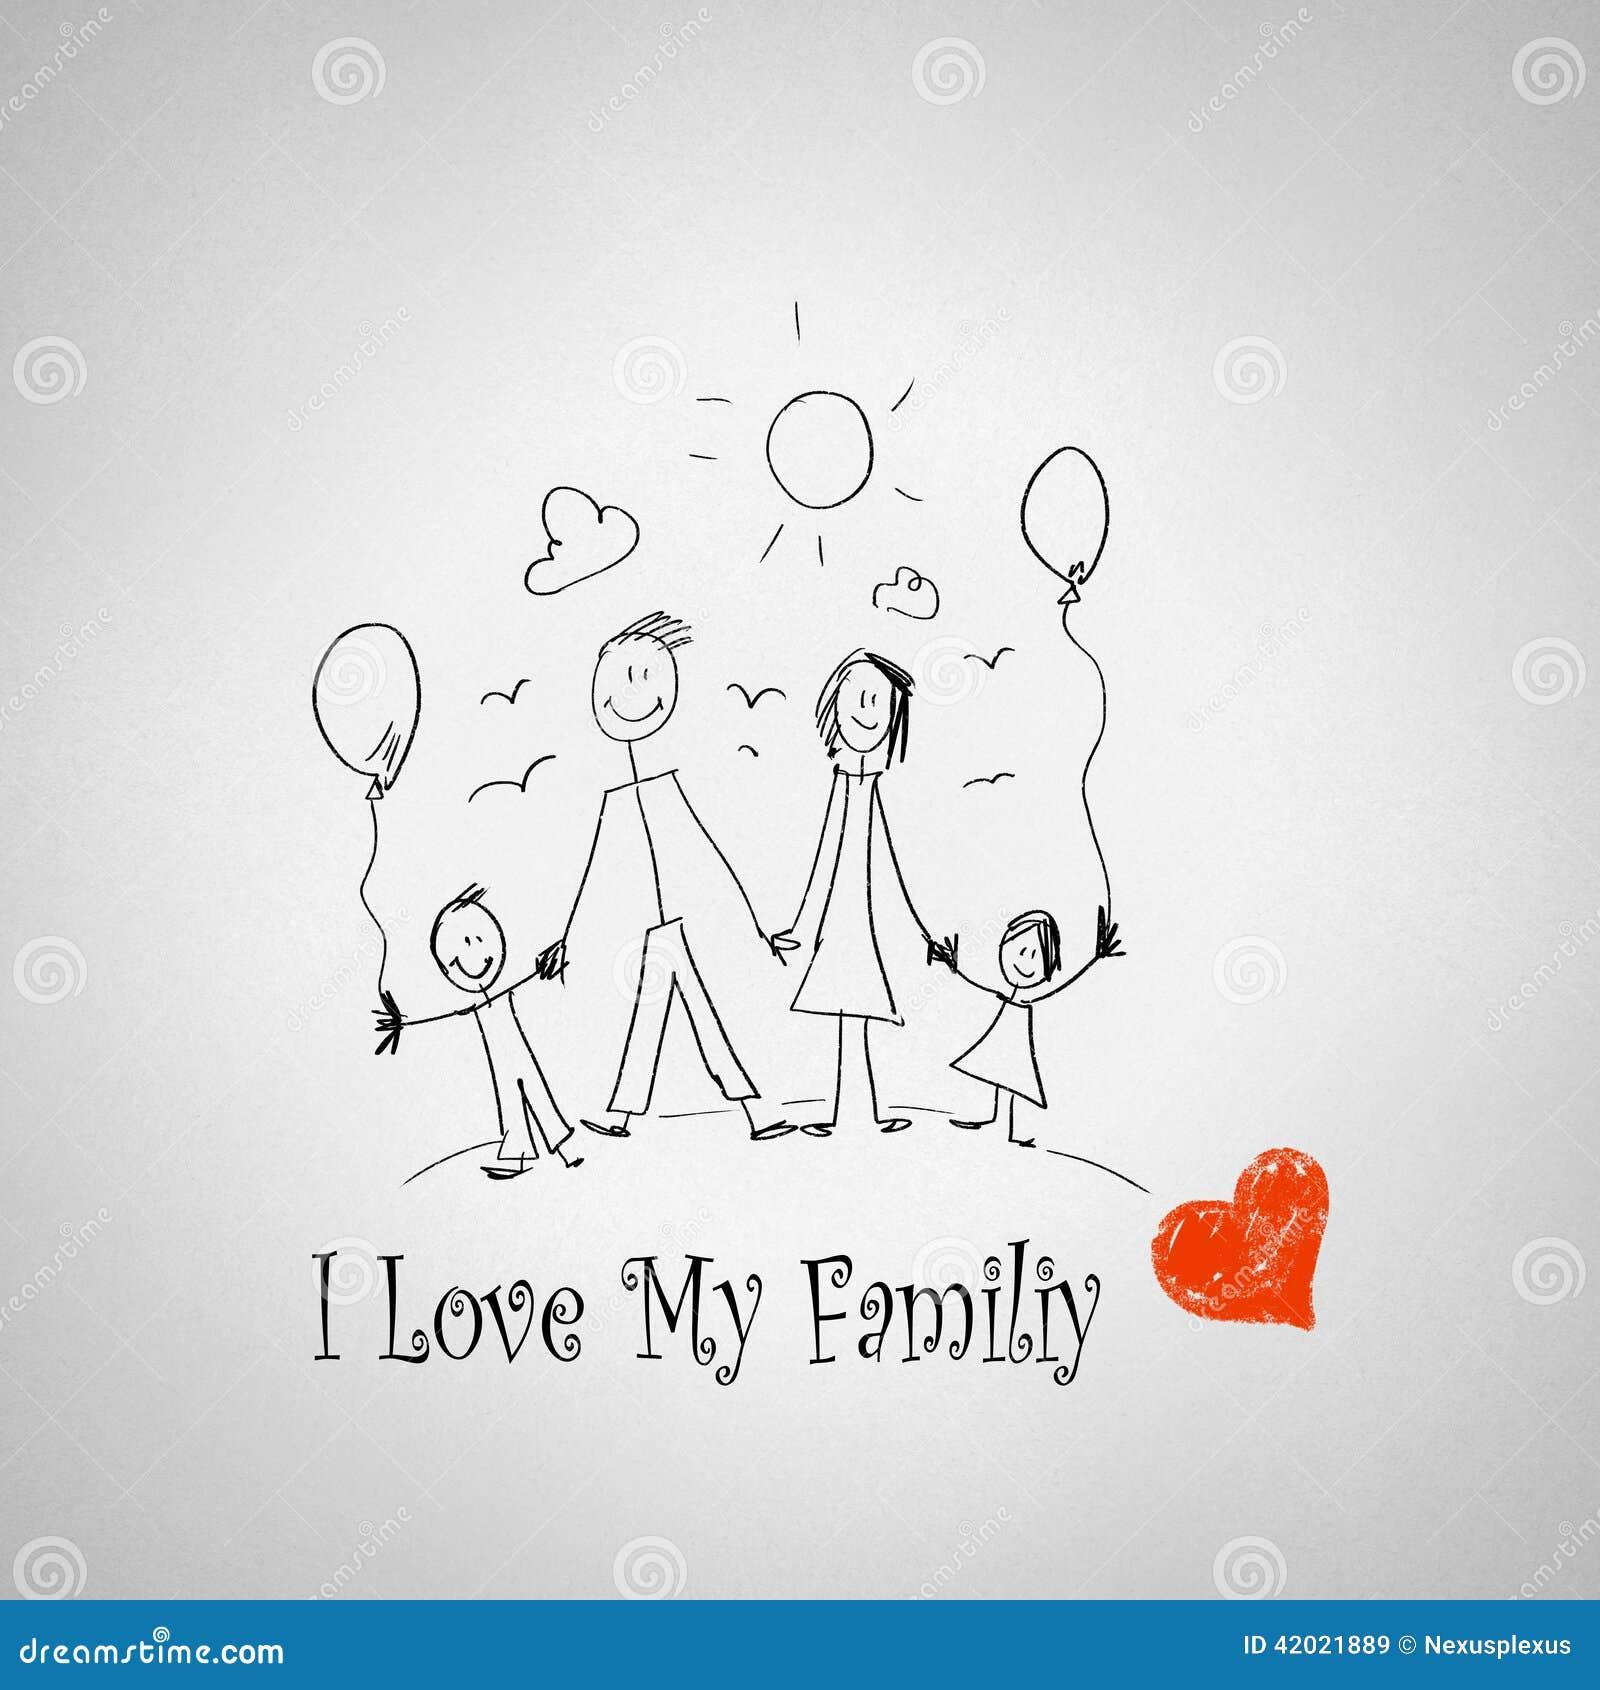 essay on i love my family